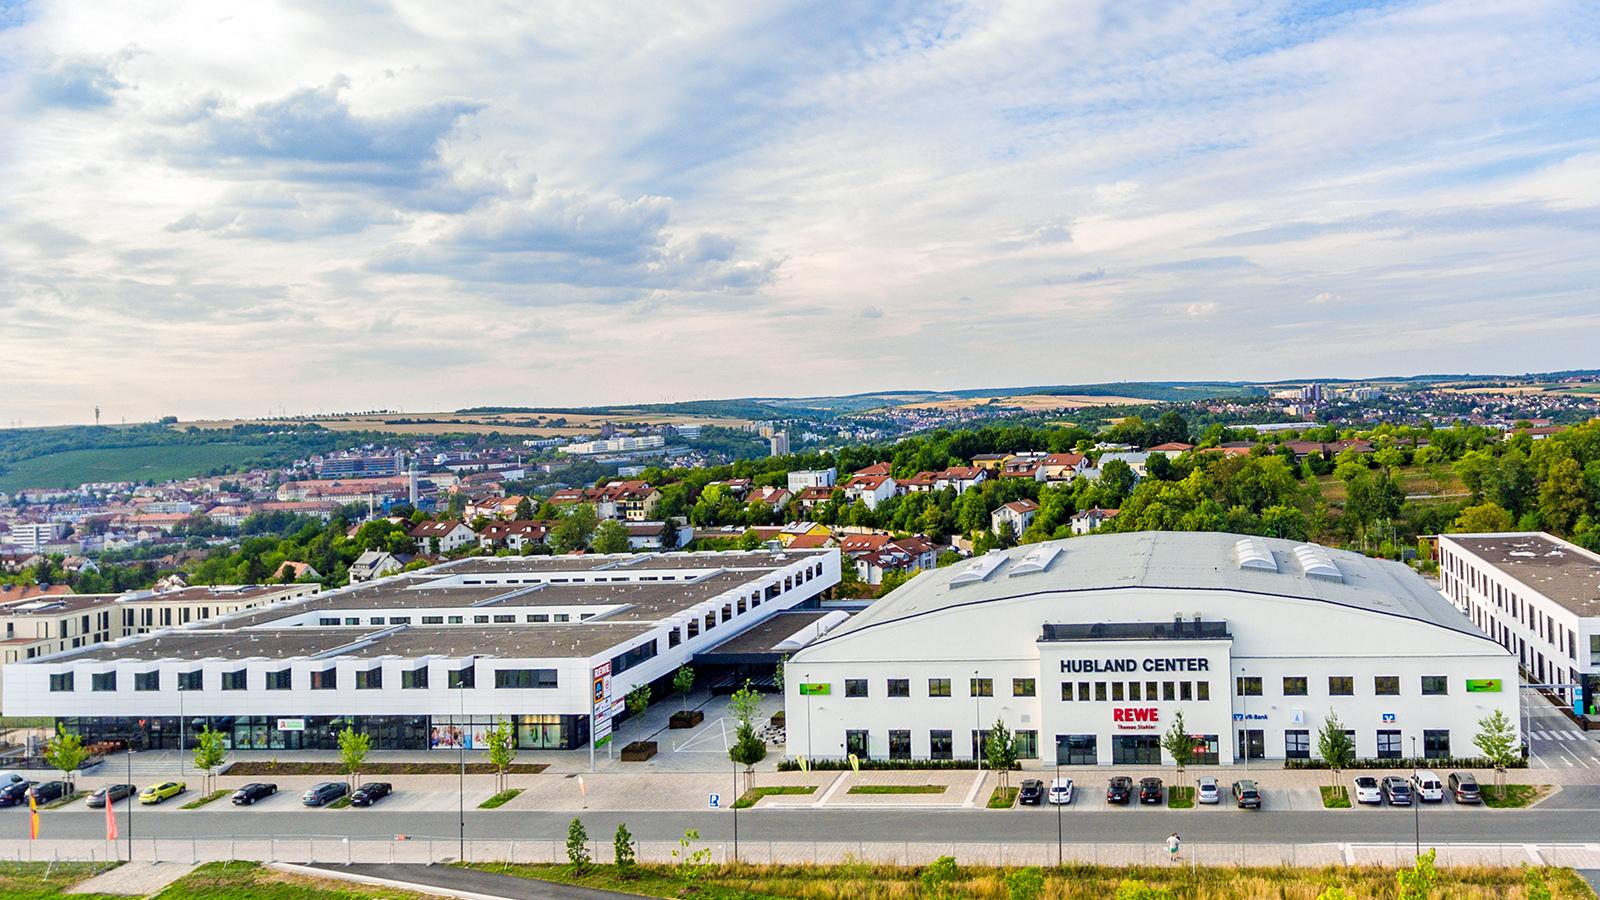 h2m-architekten-hubland-center-wuerzburg-vogelperspektive